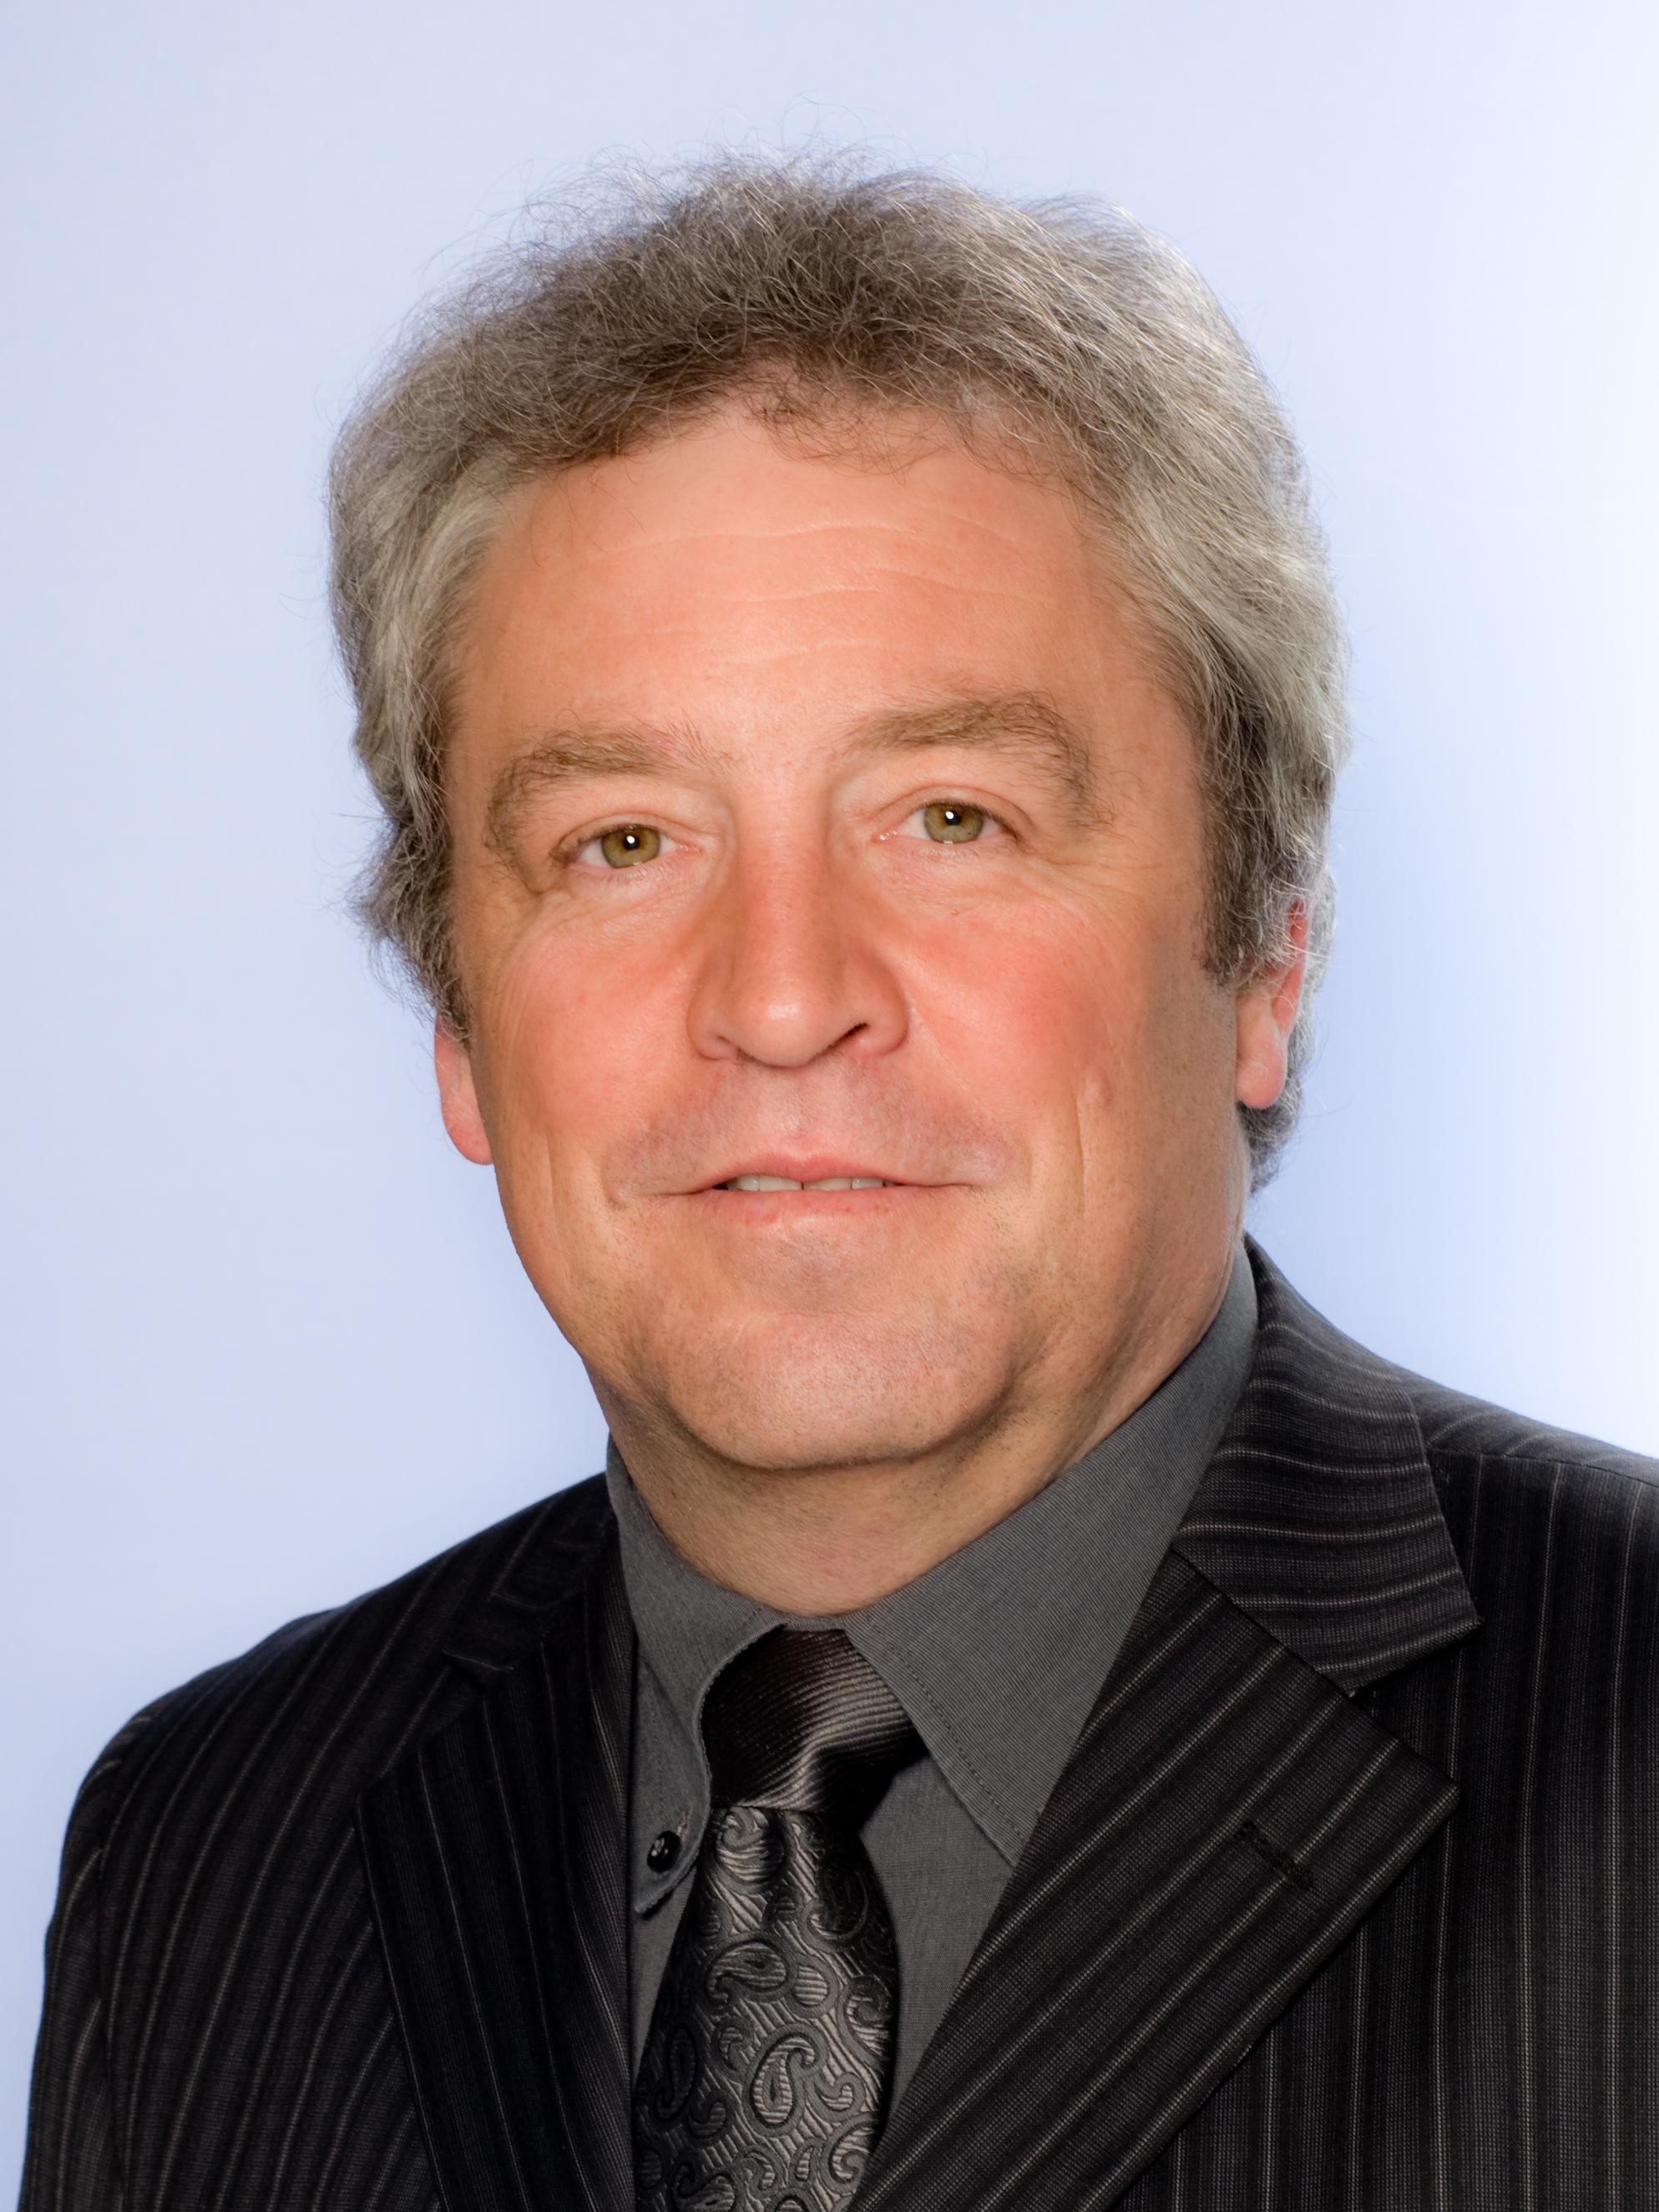 Frank Finke